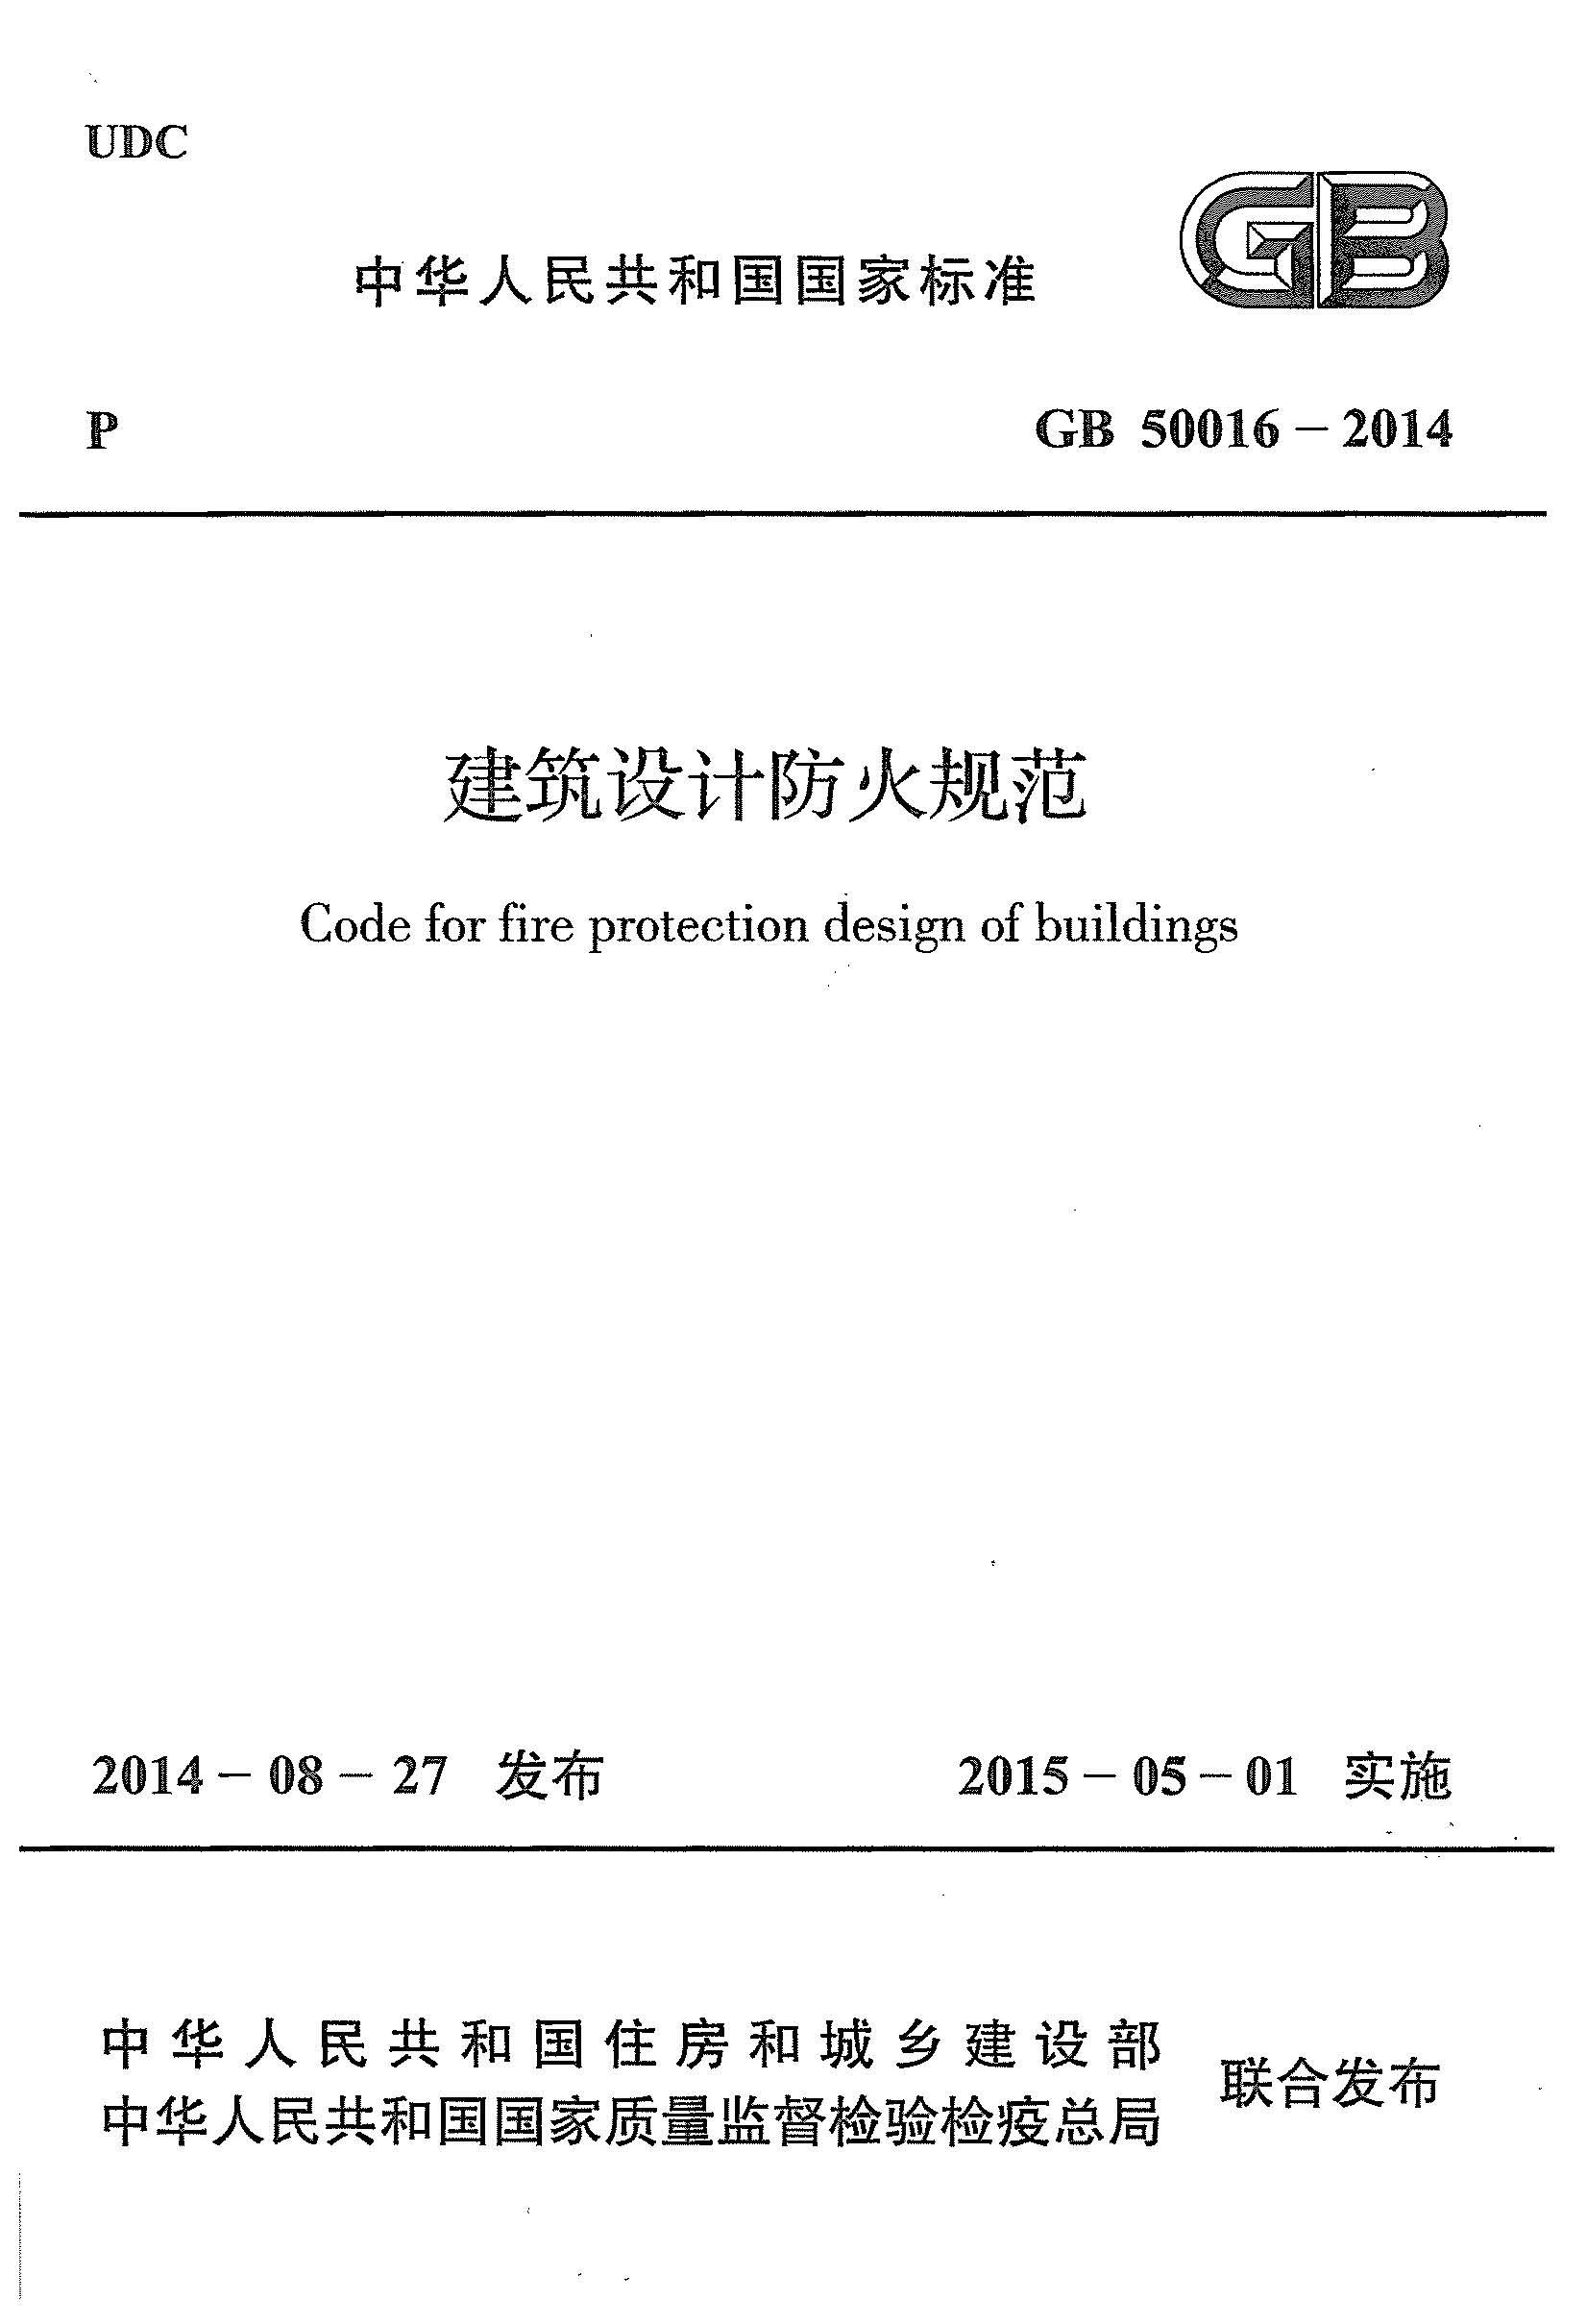 谁有建筑设计回报规范50016-2014正式版,悬赏高追加防火,一定要正式版给学校做的广告六合无绝对片